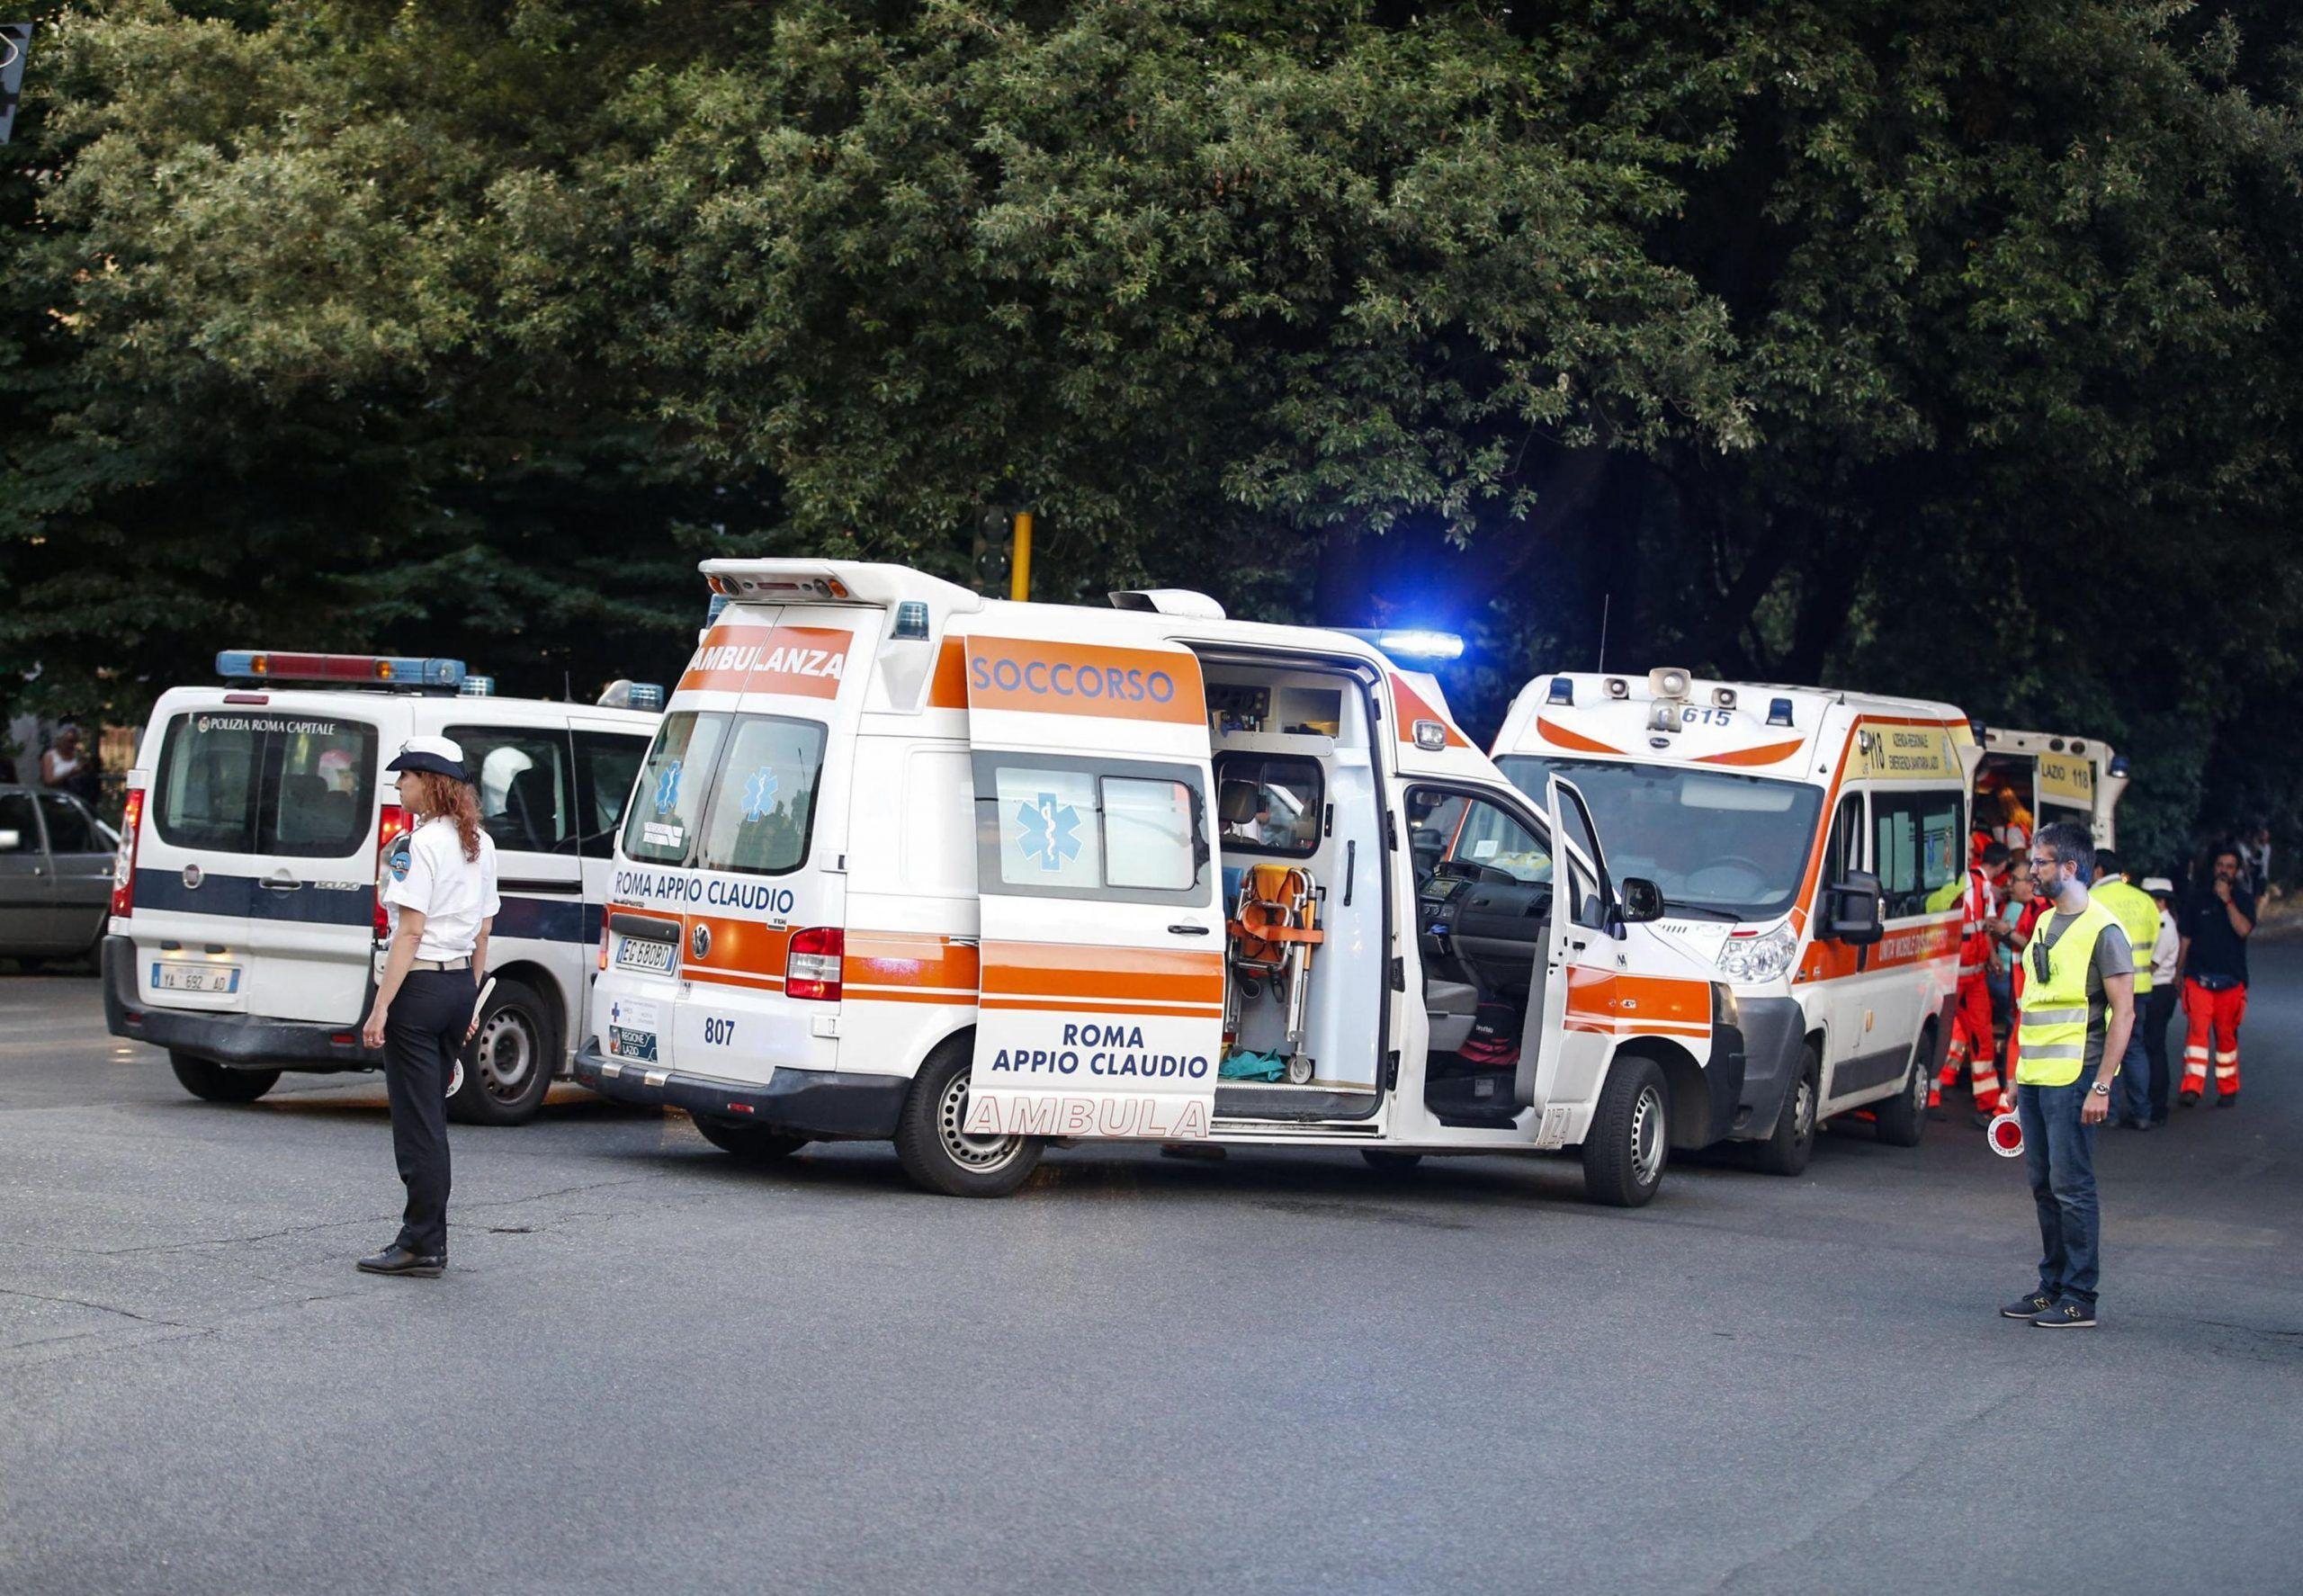 Incidente a Roma 22enne travolta e uccisa da un bus turistico